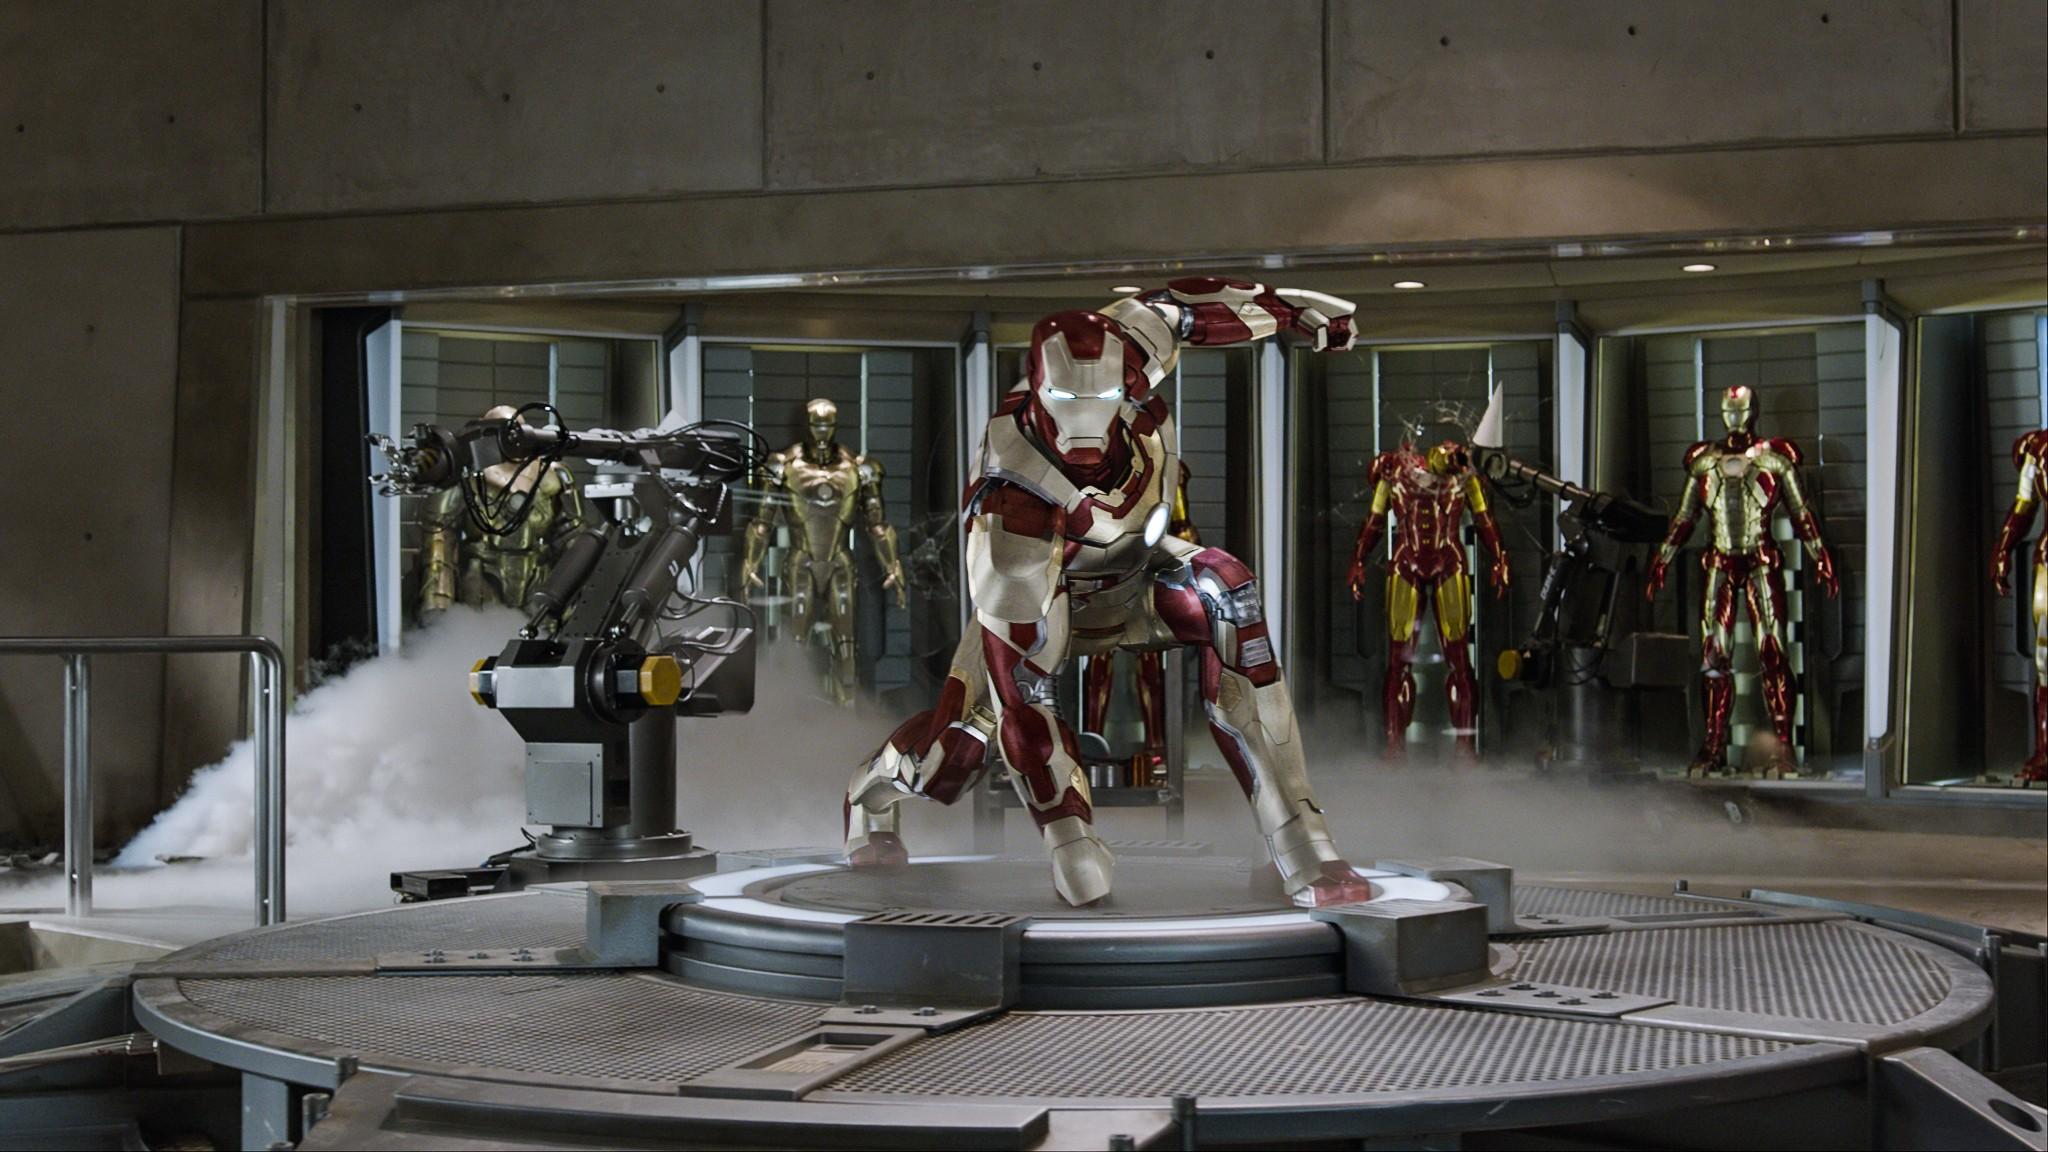 кадры из фильма Железный человек 3 Роберт Дауни-мл.,